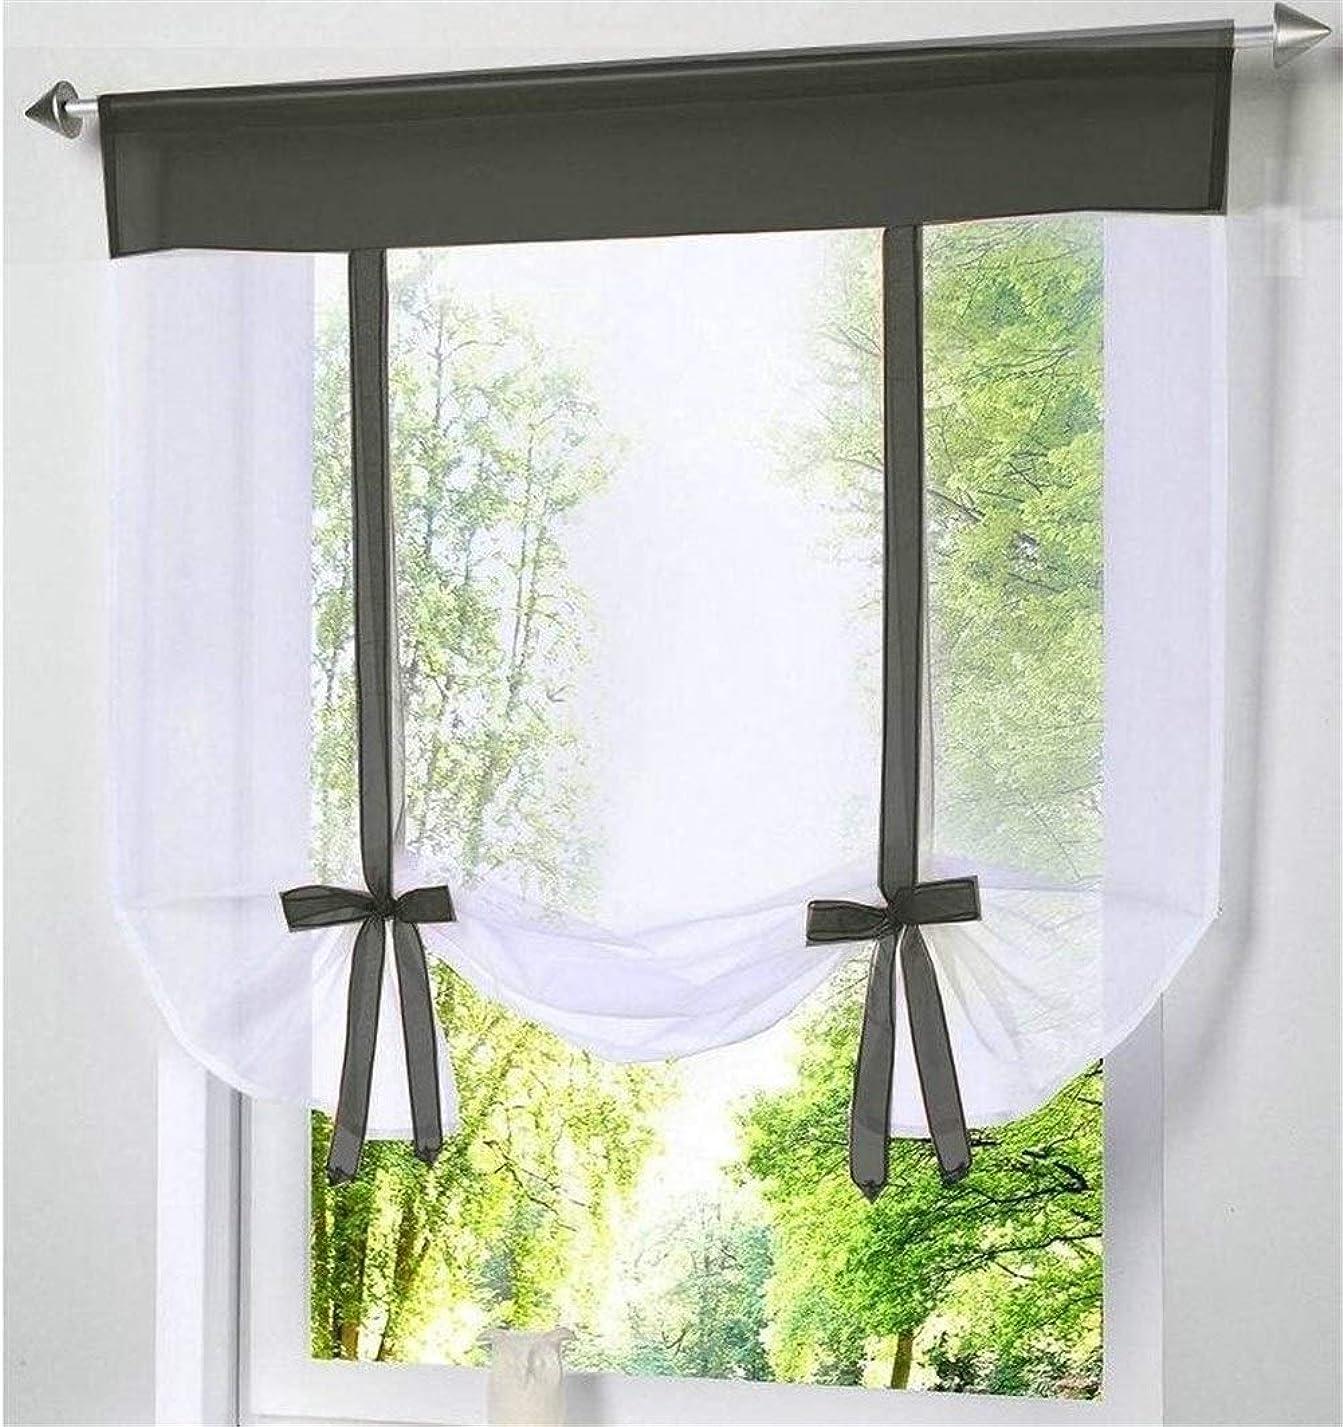 適応的鹿アイデアモダンな窓のカーテンキッチンチュールボイルカーテンリビングルームホーム透明薄手のドレープ Welchemhom (Color : ブラック, サイズ : 1pc W80XL100CM)